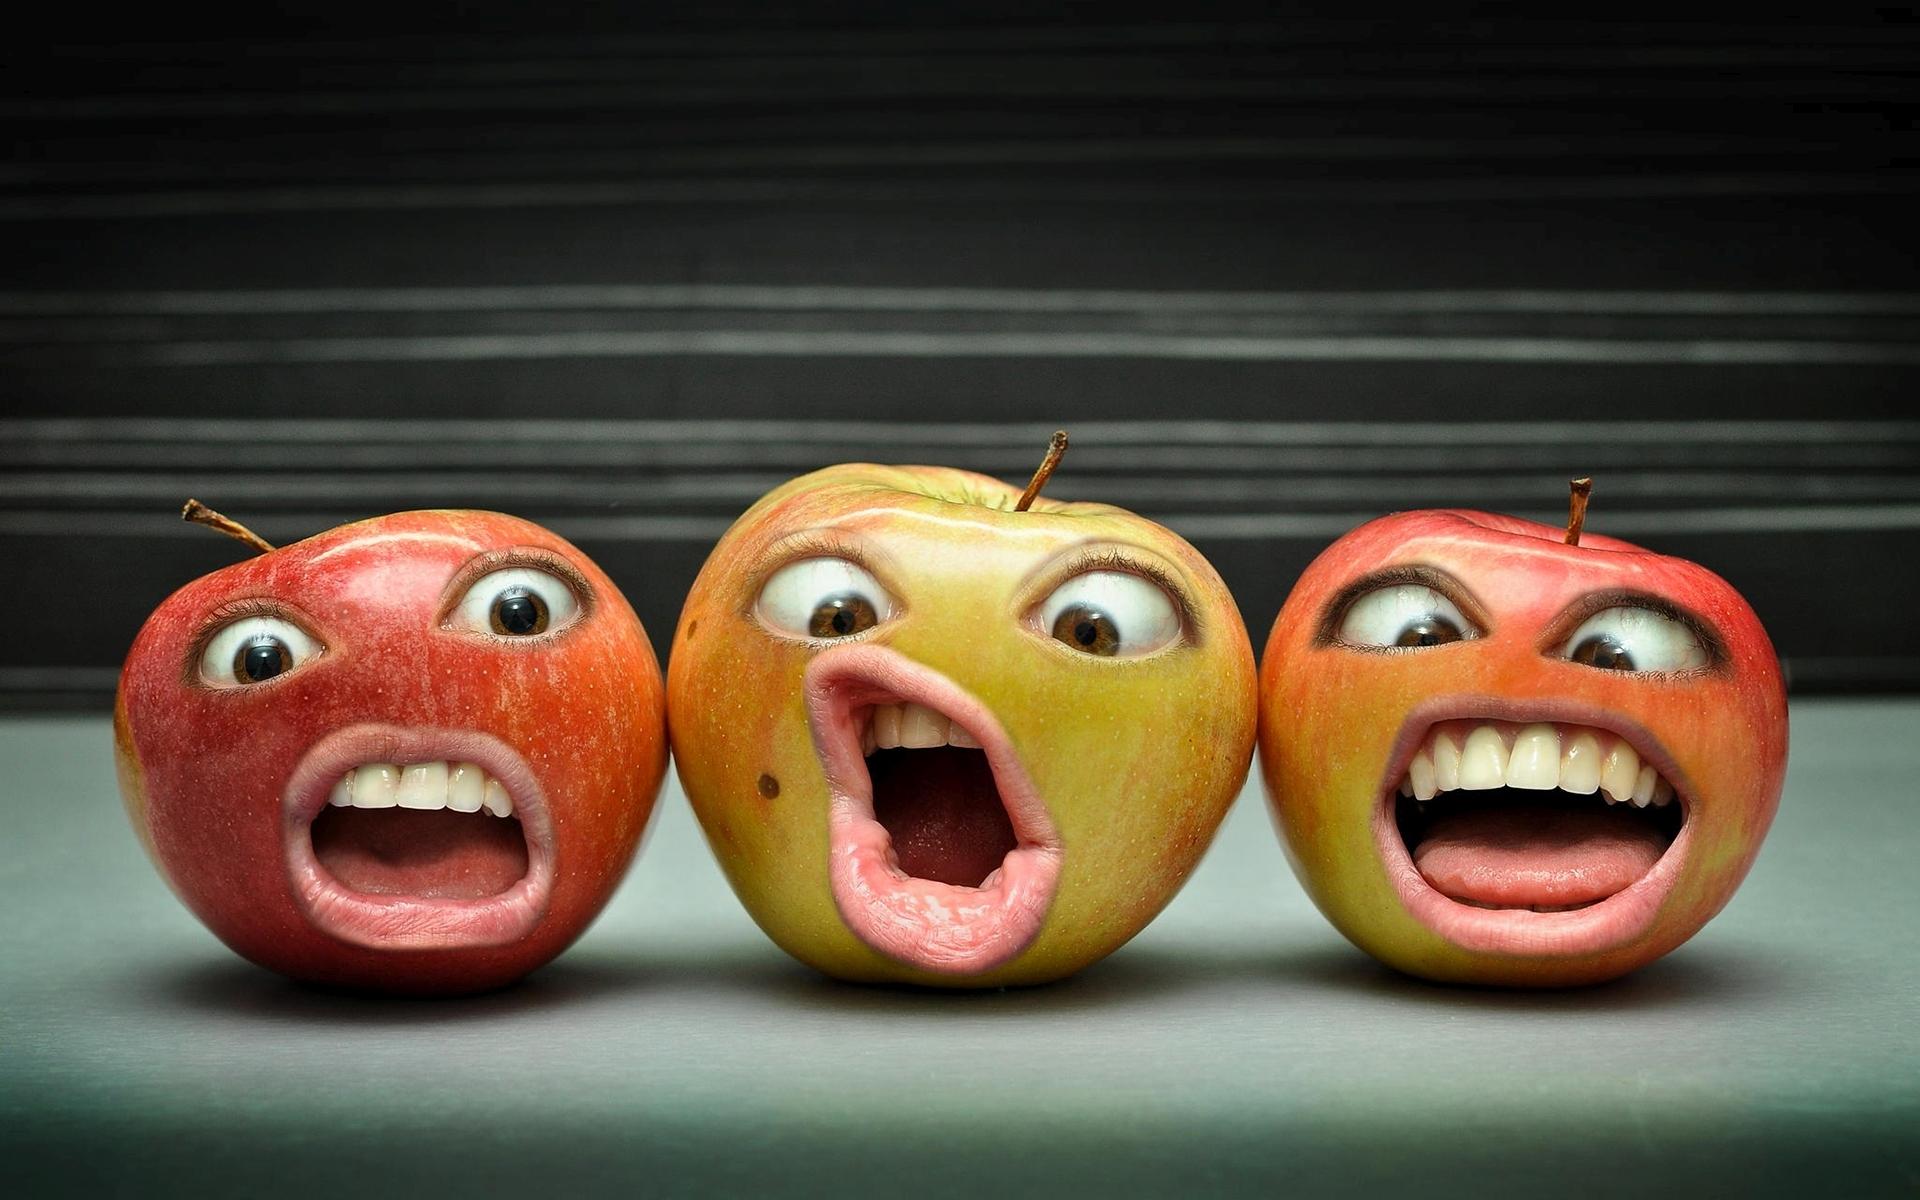 Râs homeric şi Râs mefistofelic